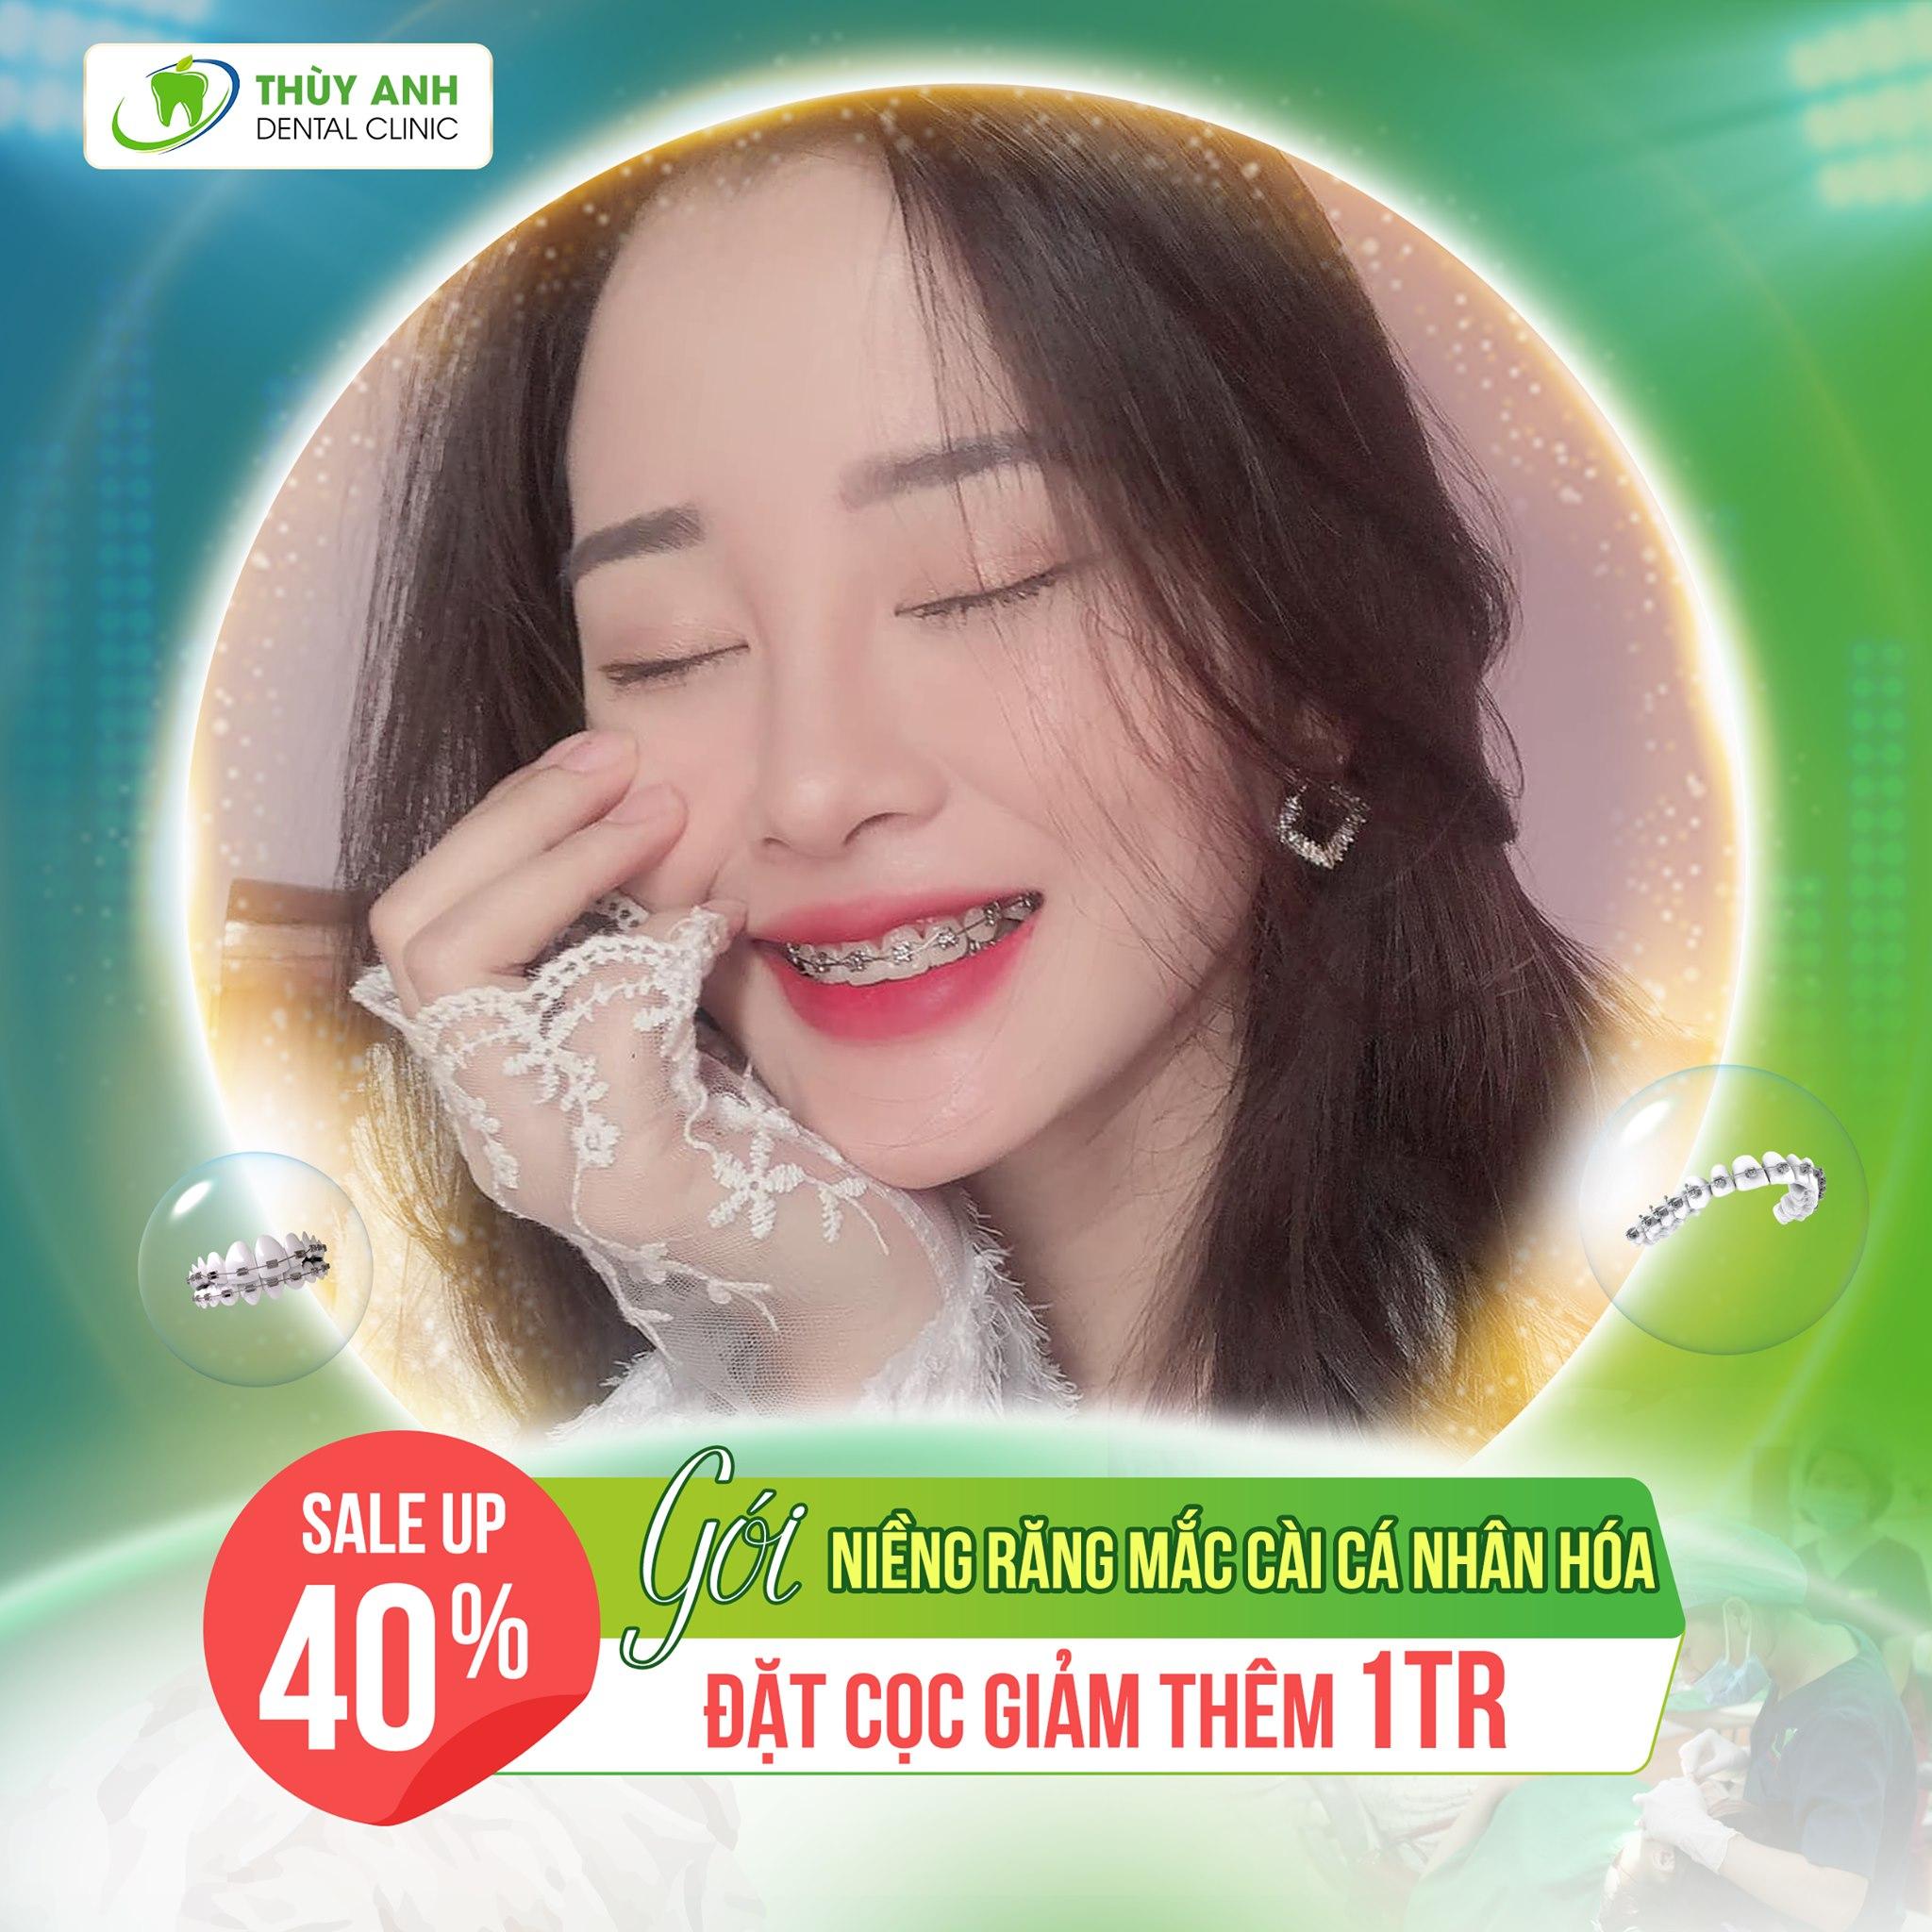 Sale up 40% gói niềng răng cá nhân hóa – Nha khoa Thùy Anh